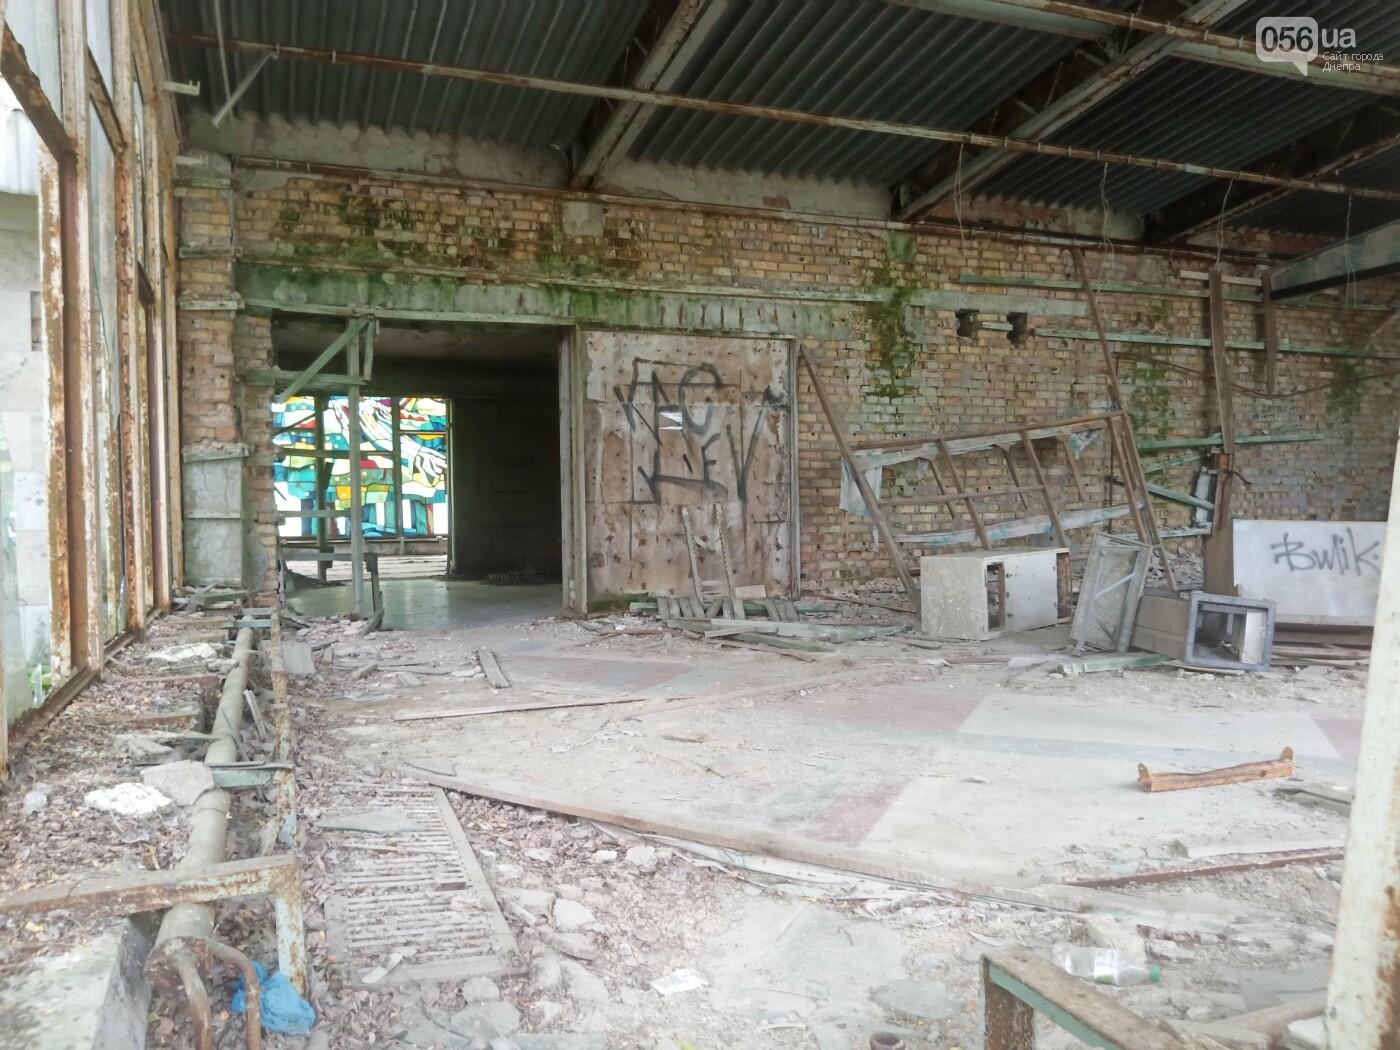 Минус пара кед и брюк: путешествие одного днепрянина в Чернобыль, - ФОТО, ВИДЕО, фото-51